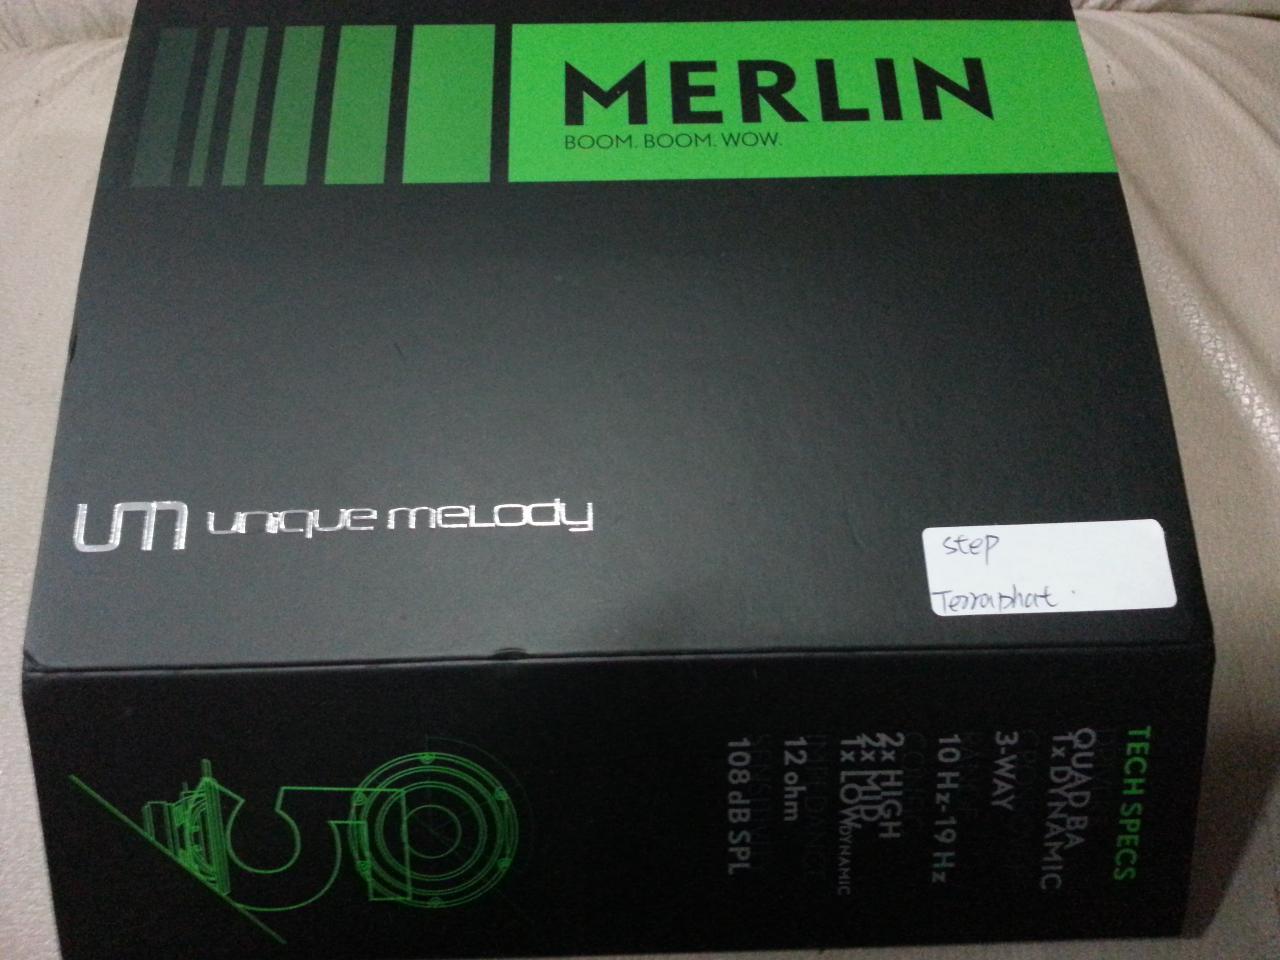 Unique Melody MERLIN!!